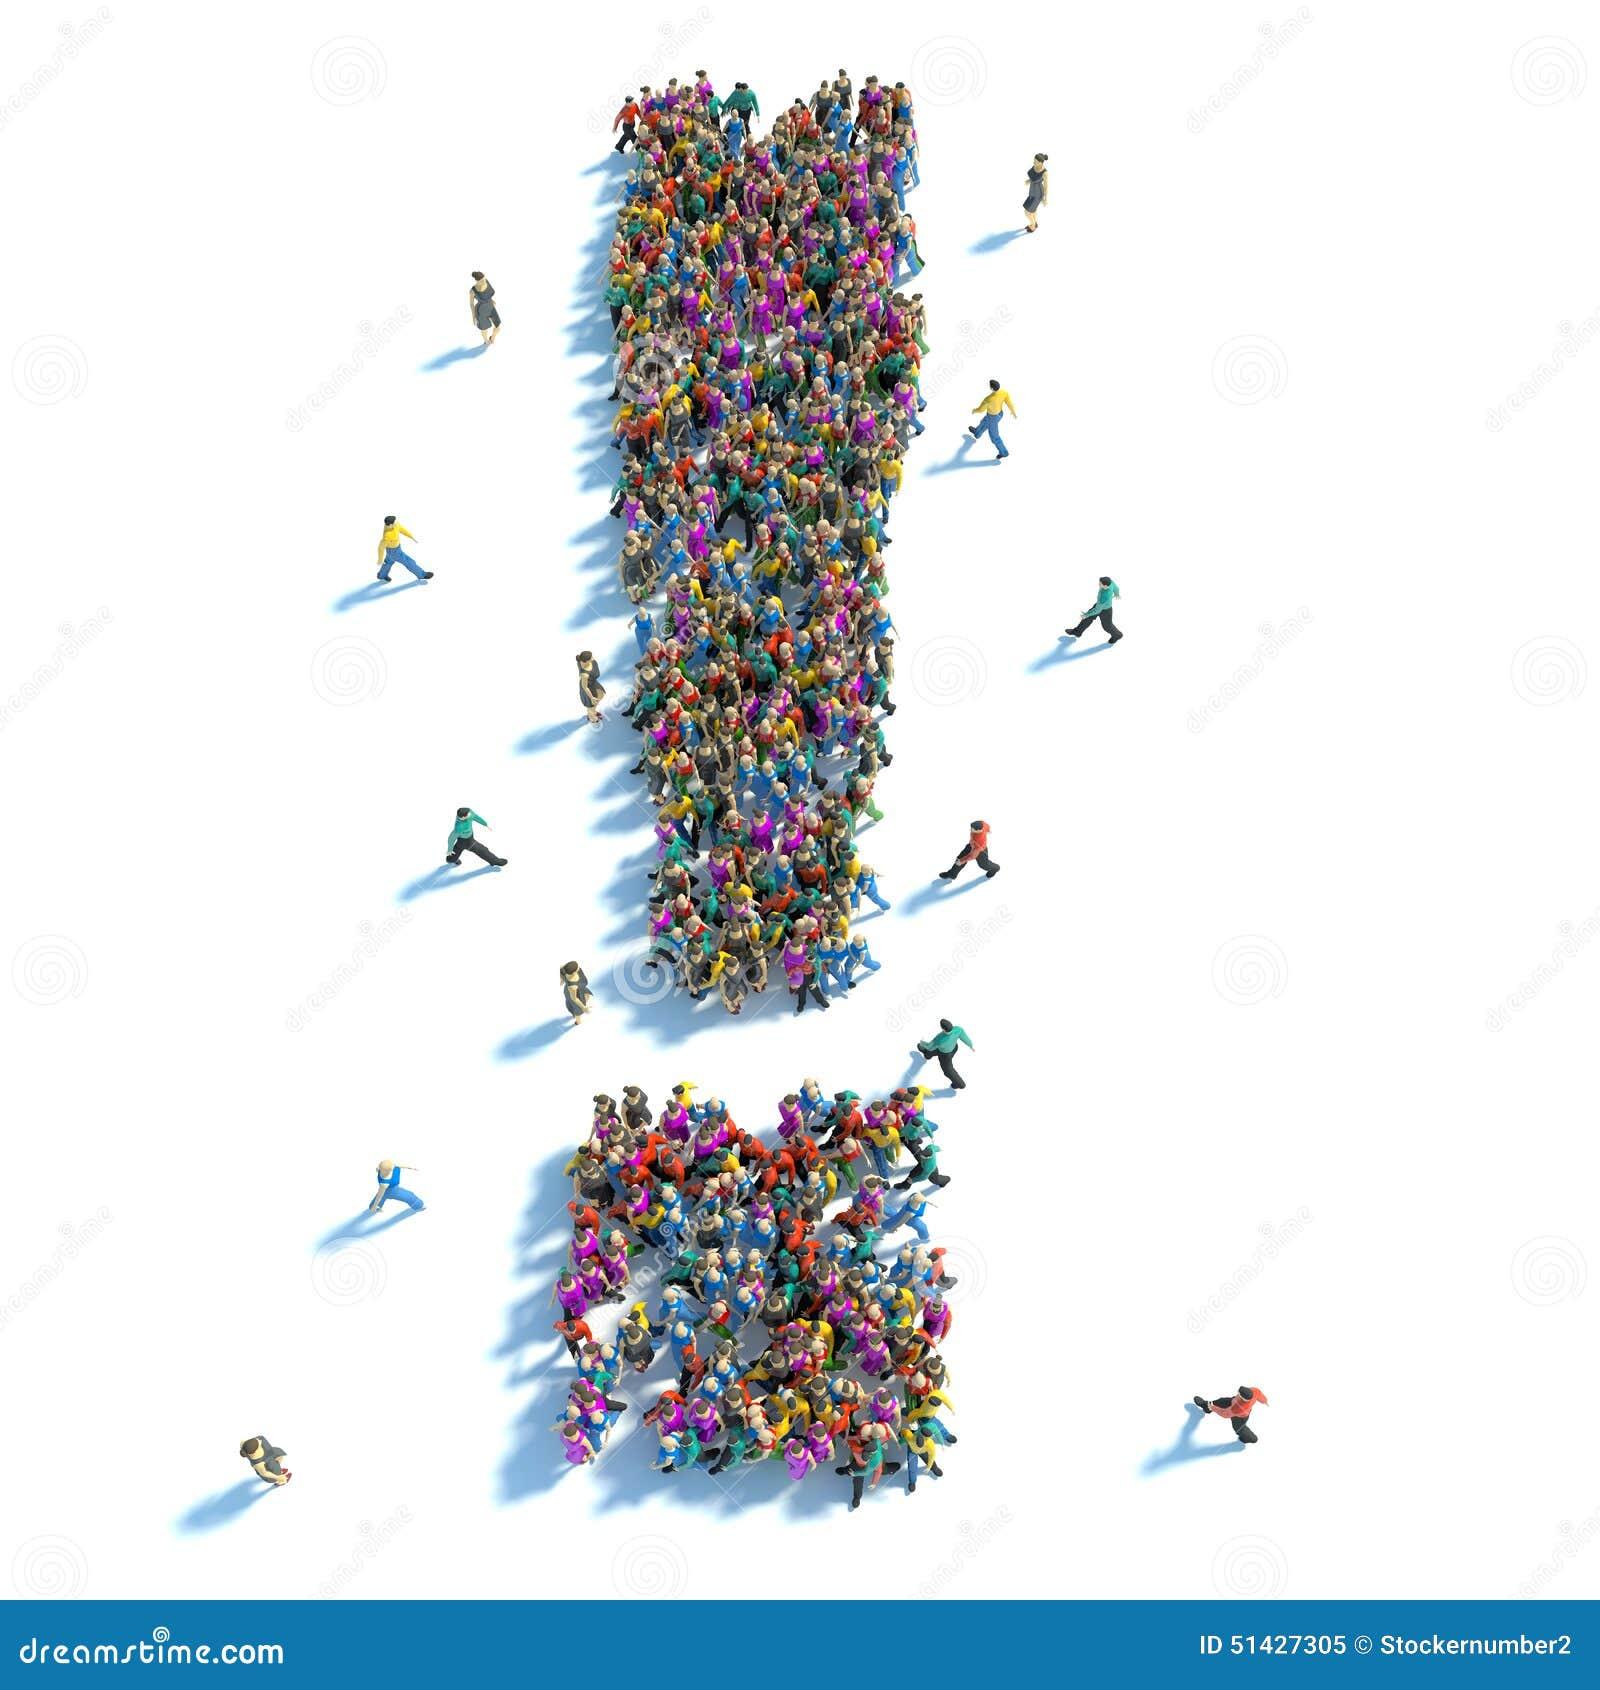 Il grande gruppo di persone è stato sotto forma di punto esclamativo